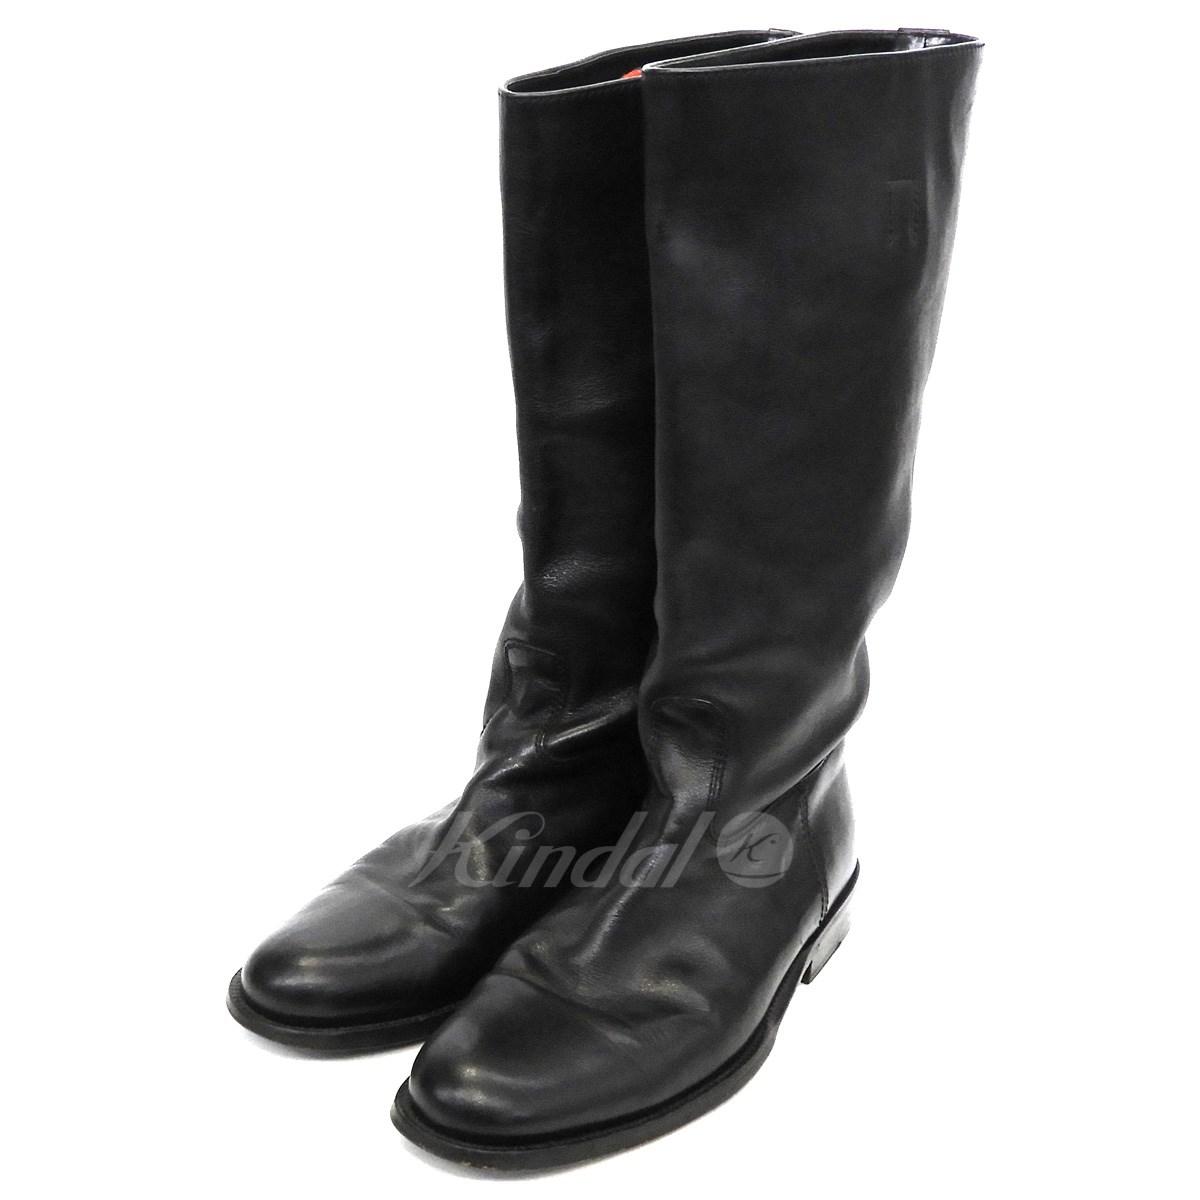 【中古】GUCCI ロングブーツ ブラック サイズ:39 1/2 【送料無料】 【261018】(グッチ)